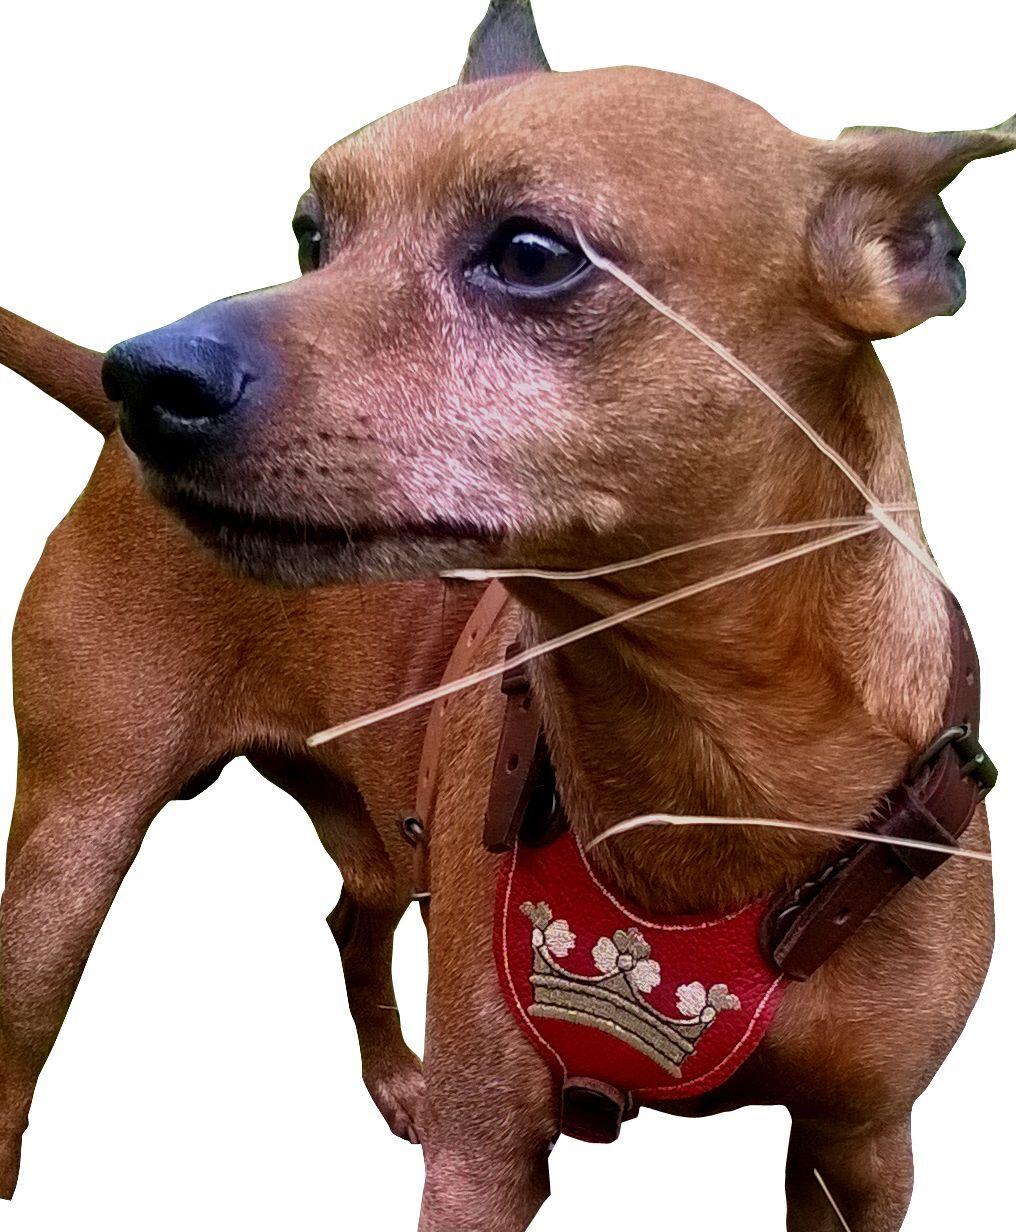 Royal cani pettorina pettorina pettorina pettorina per cani di piccola taglia, nano Pincher... in morbida pelle bovina RAR ccaeeb